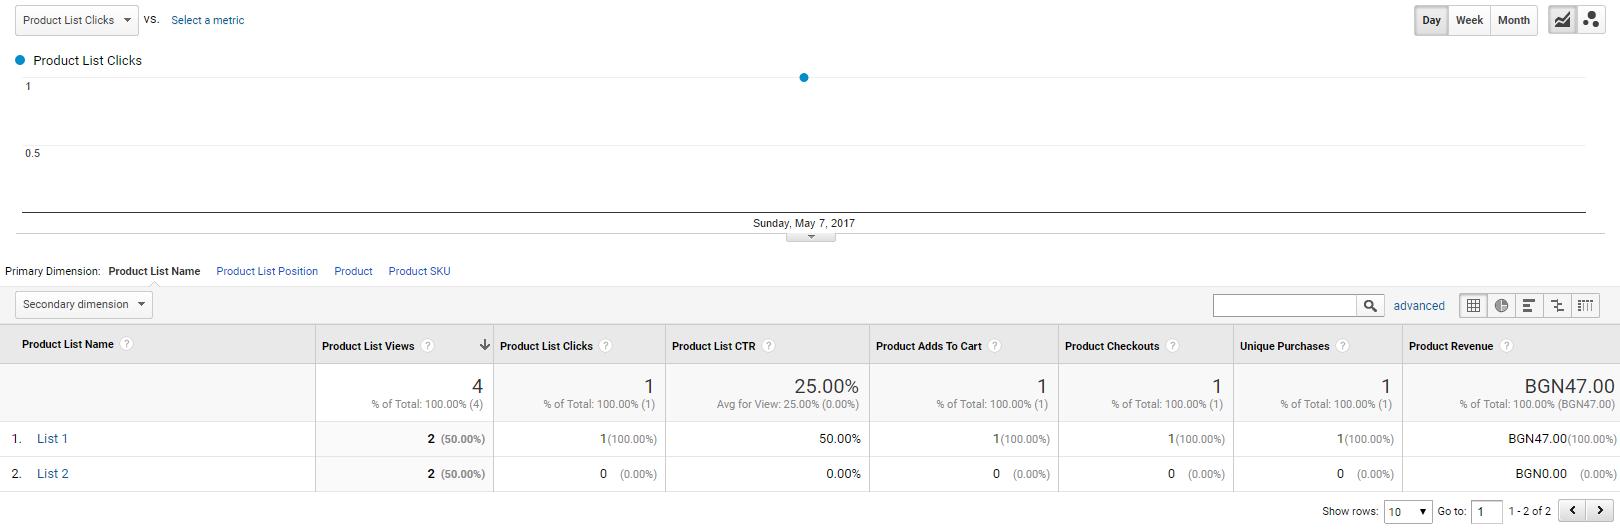 В отчета «Ефективност на списъка с продукти» данните не се променят